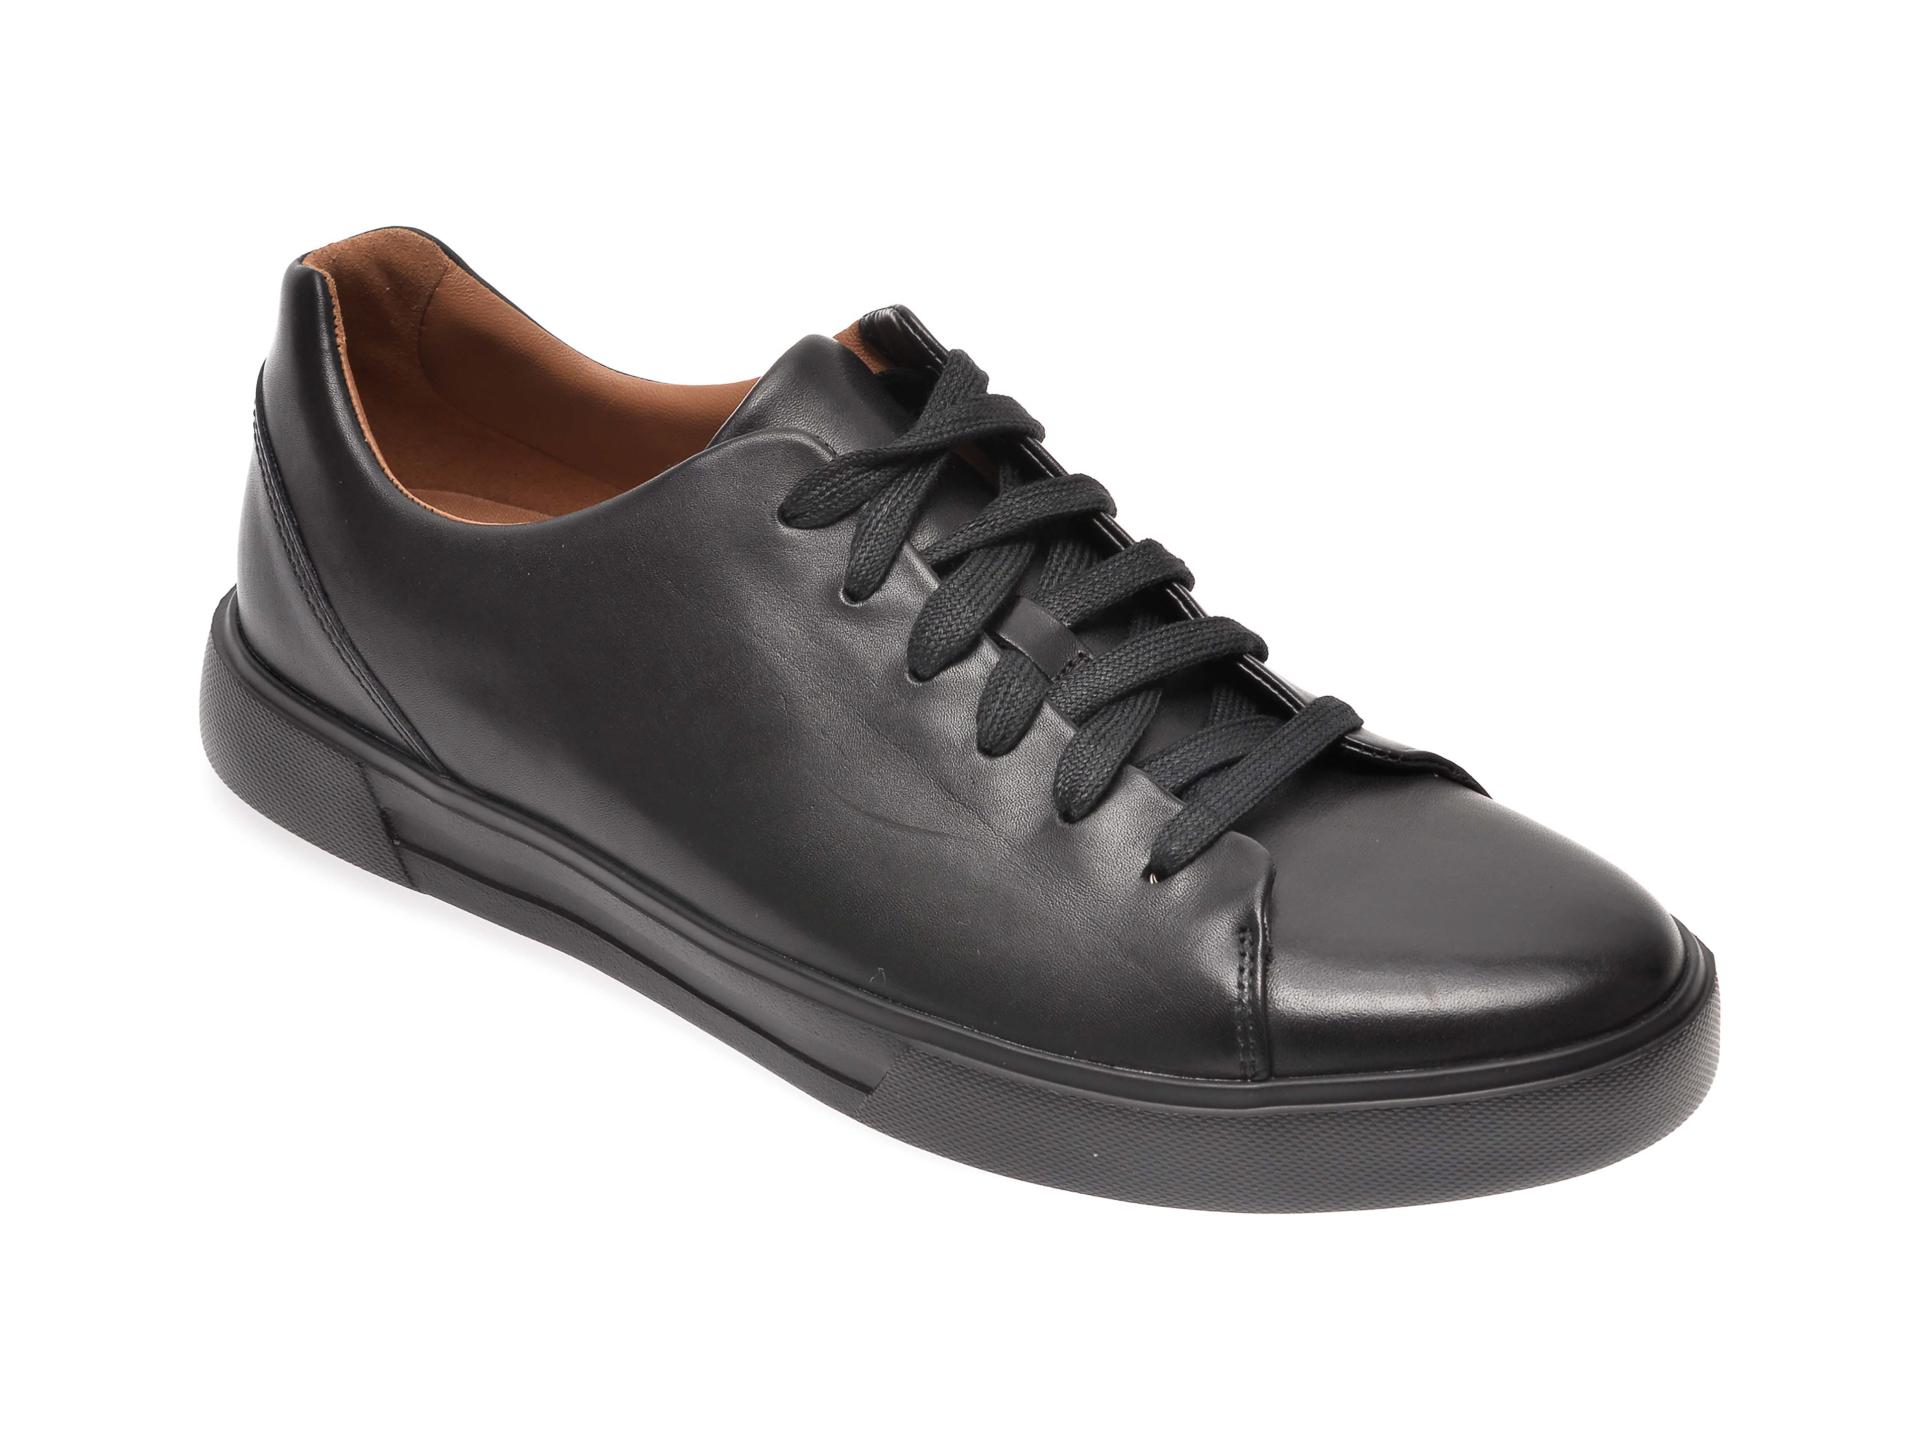 Pantofi CLARKS negri, Un Costa Lace, din piele naturala